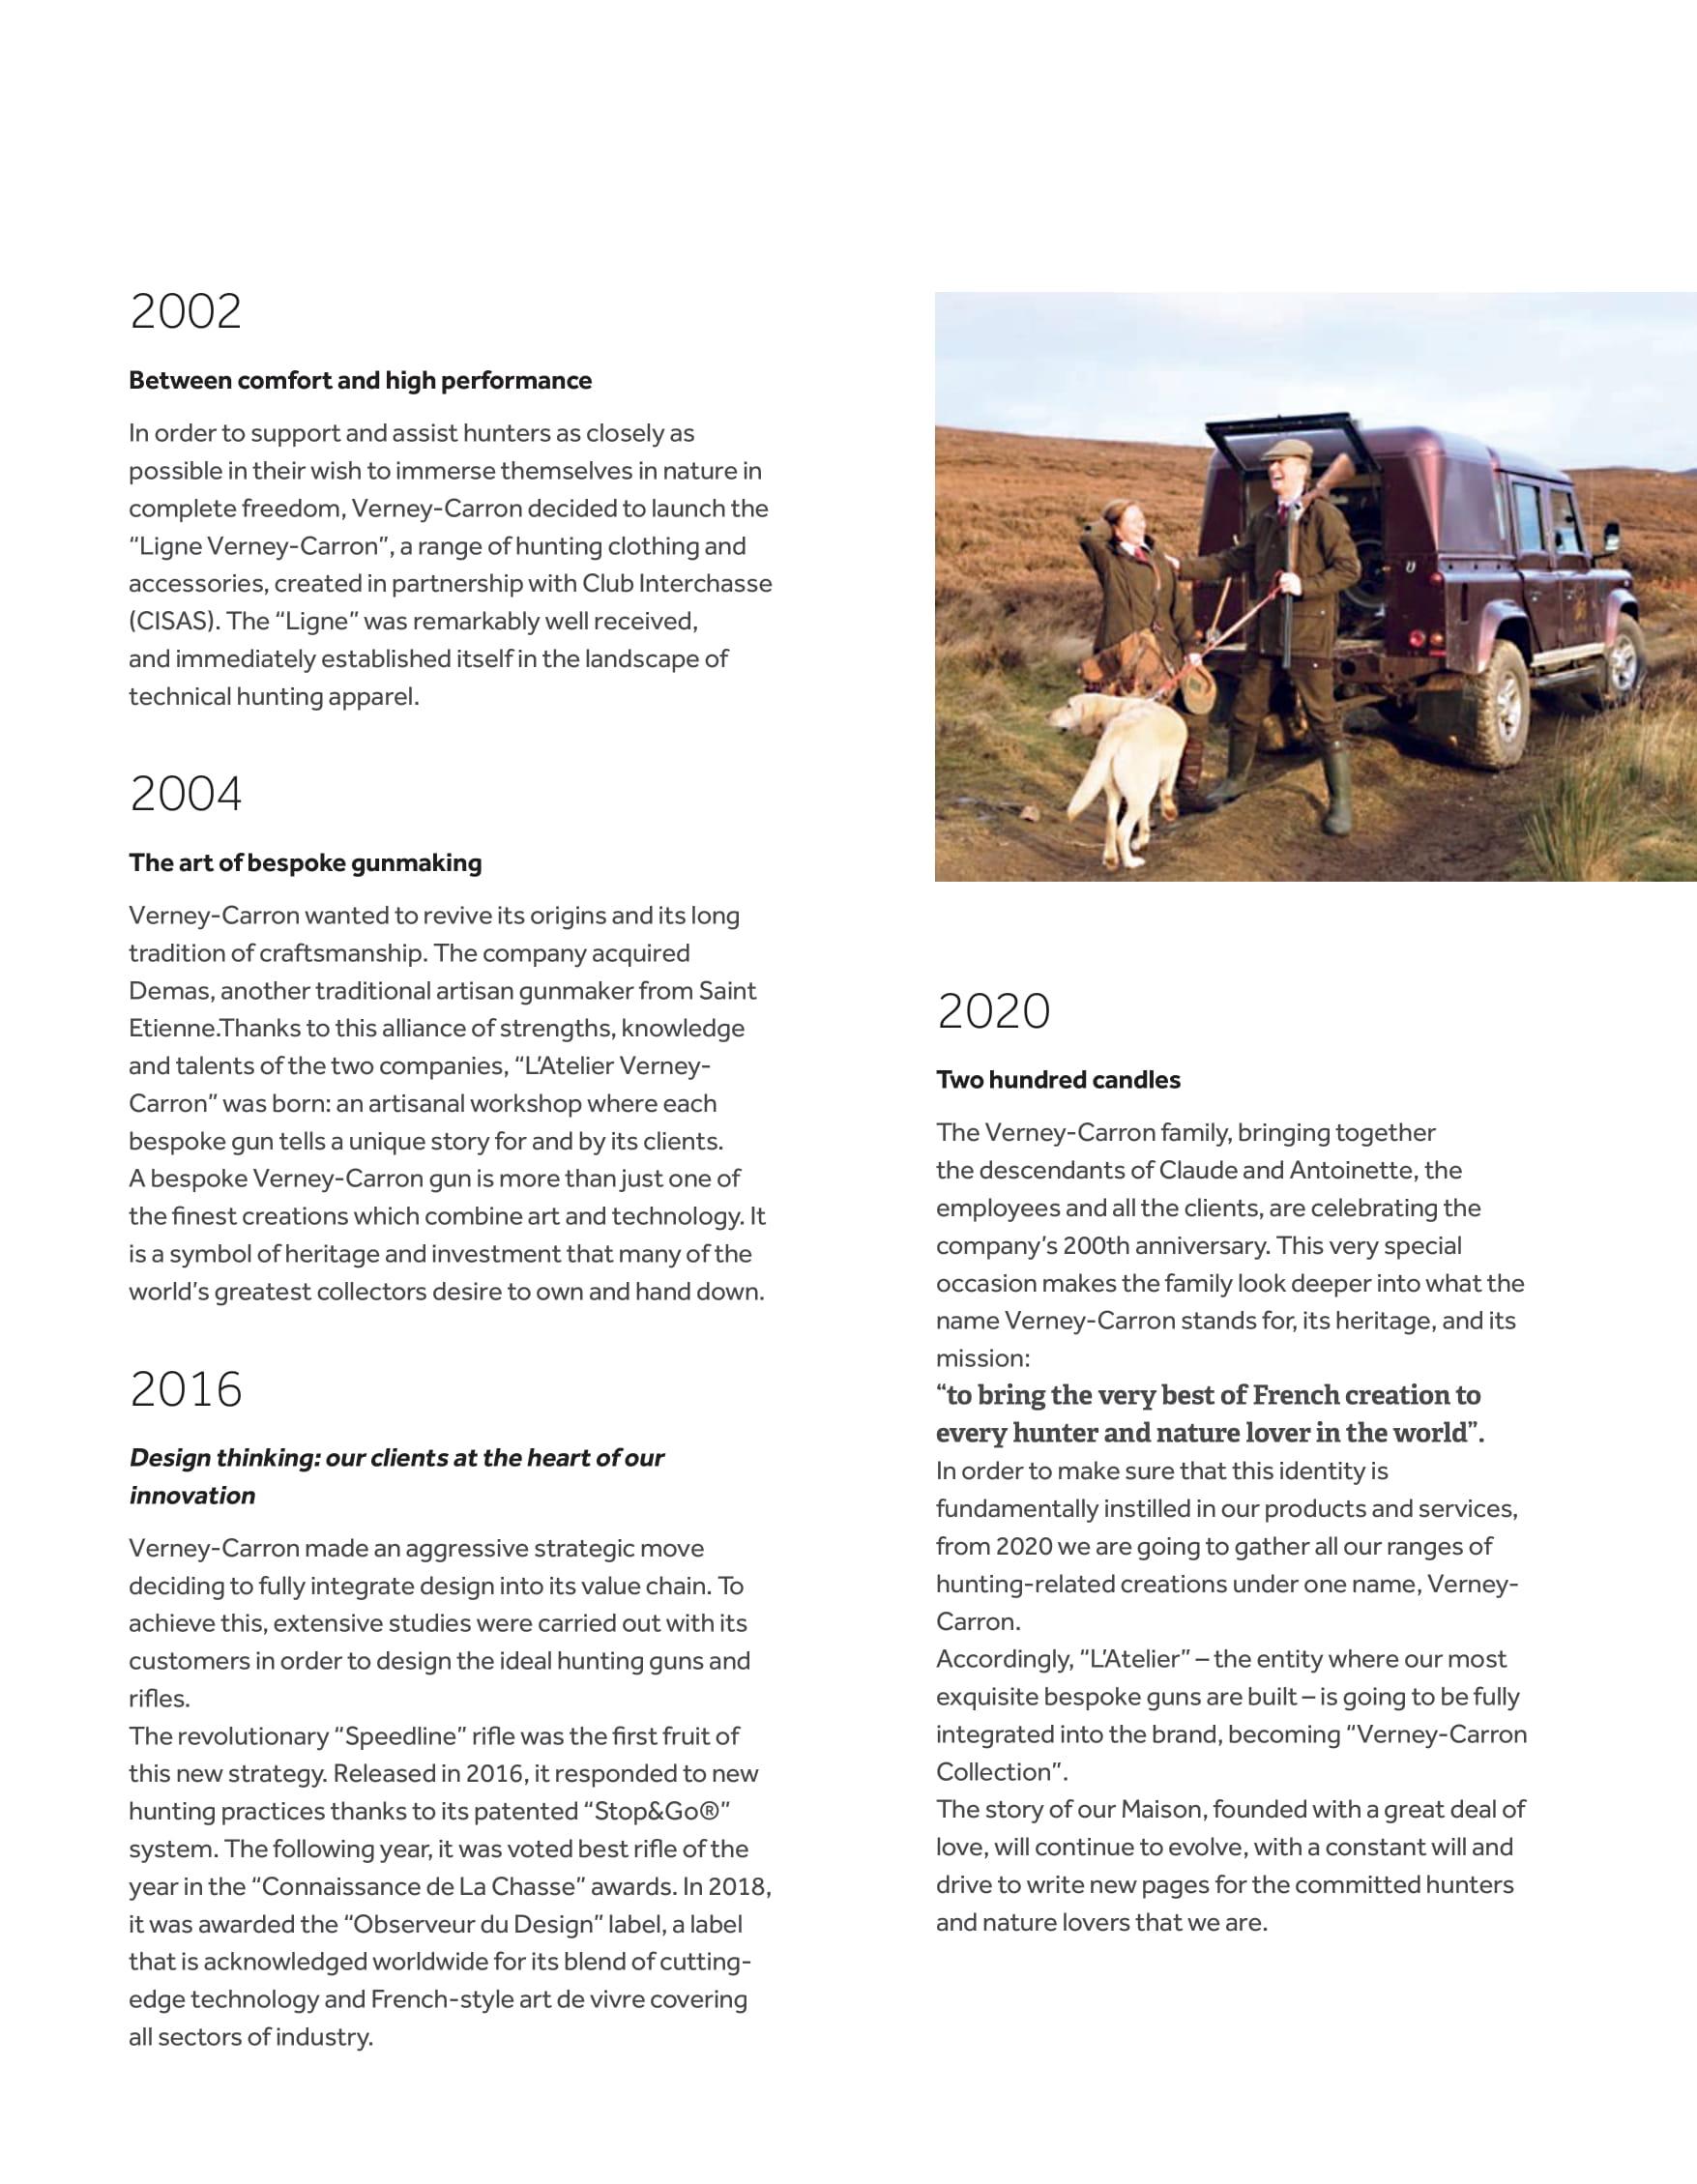 catalogue-2020-verney-carron-05.jpg